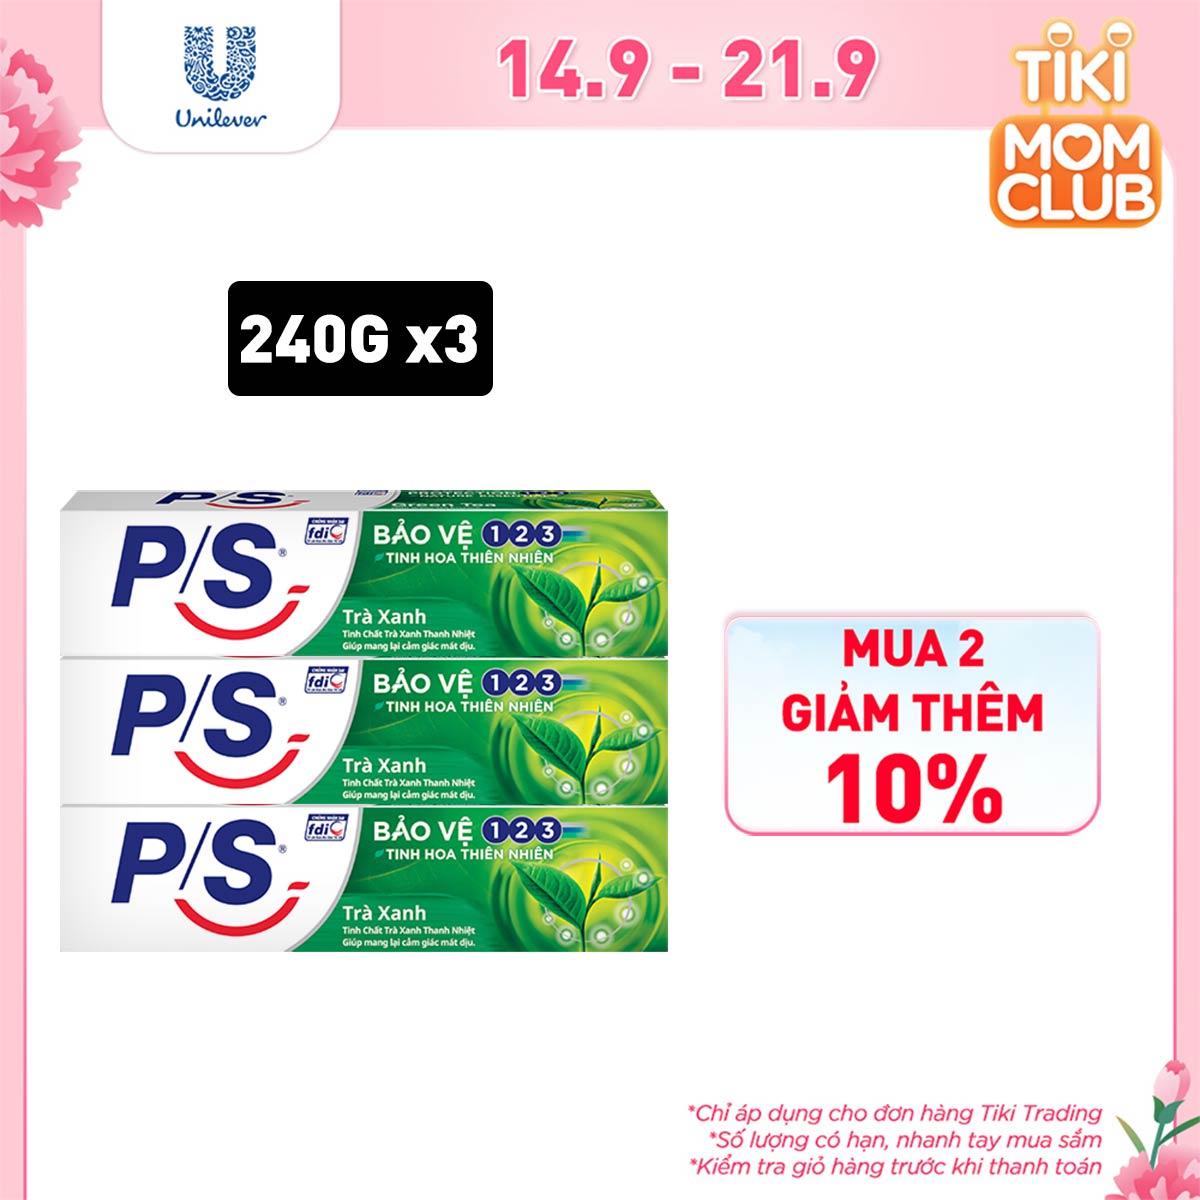 Combo 3 Kem Đánh Răng P/S Bảo Vệ 123 Trà Xanh 240g với tinh chất trà xanh thanh nhiệt giúp mang lại cảm giác mát dịu